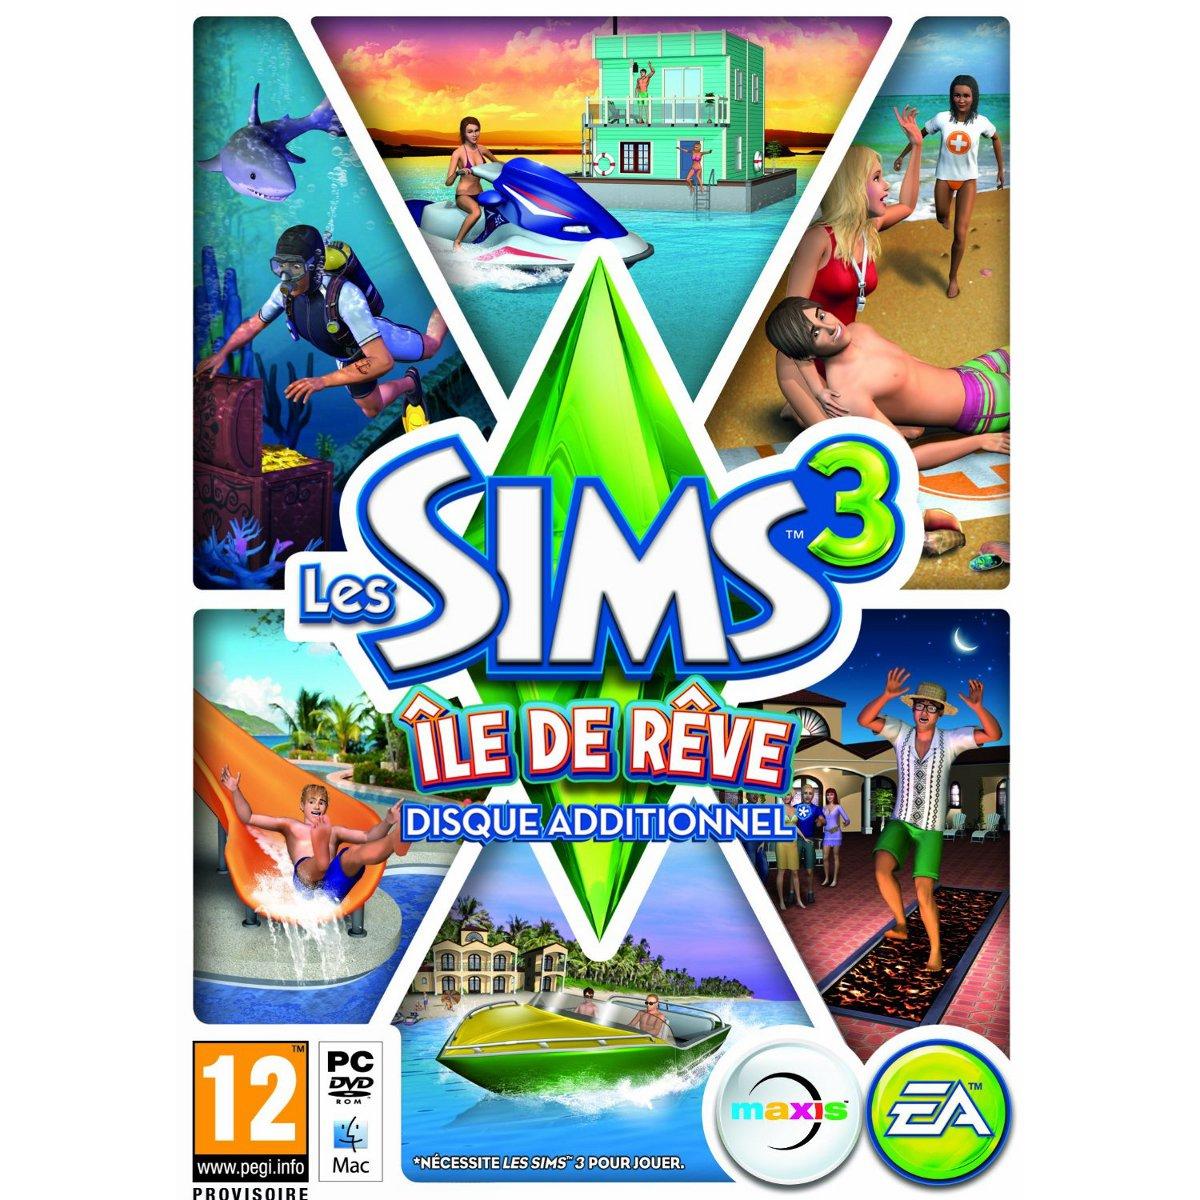 Jeux PC Les Sims 3 : île de rêve - Disque additionnel (PC) Les Sims 3 : île de rêve - Disque additionnel (PC)